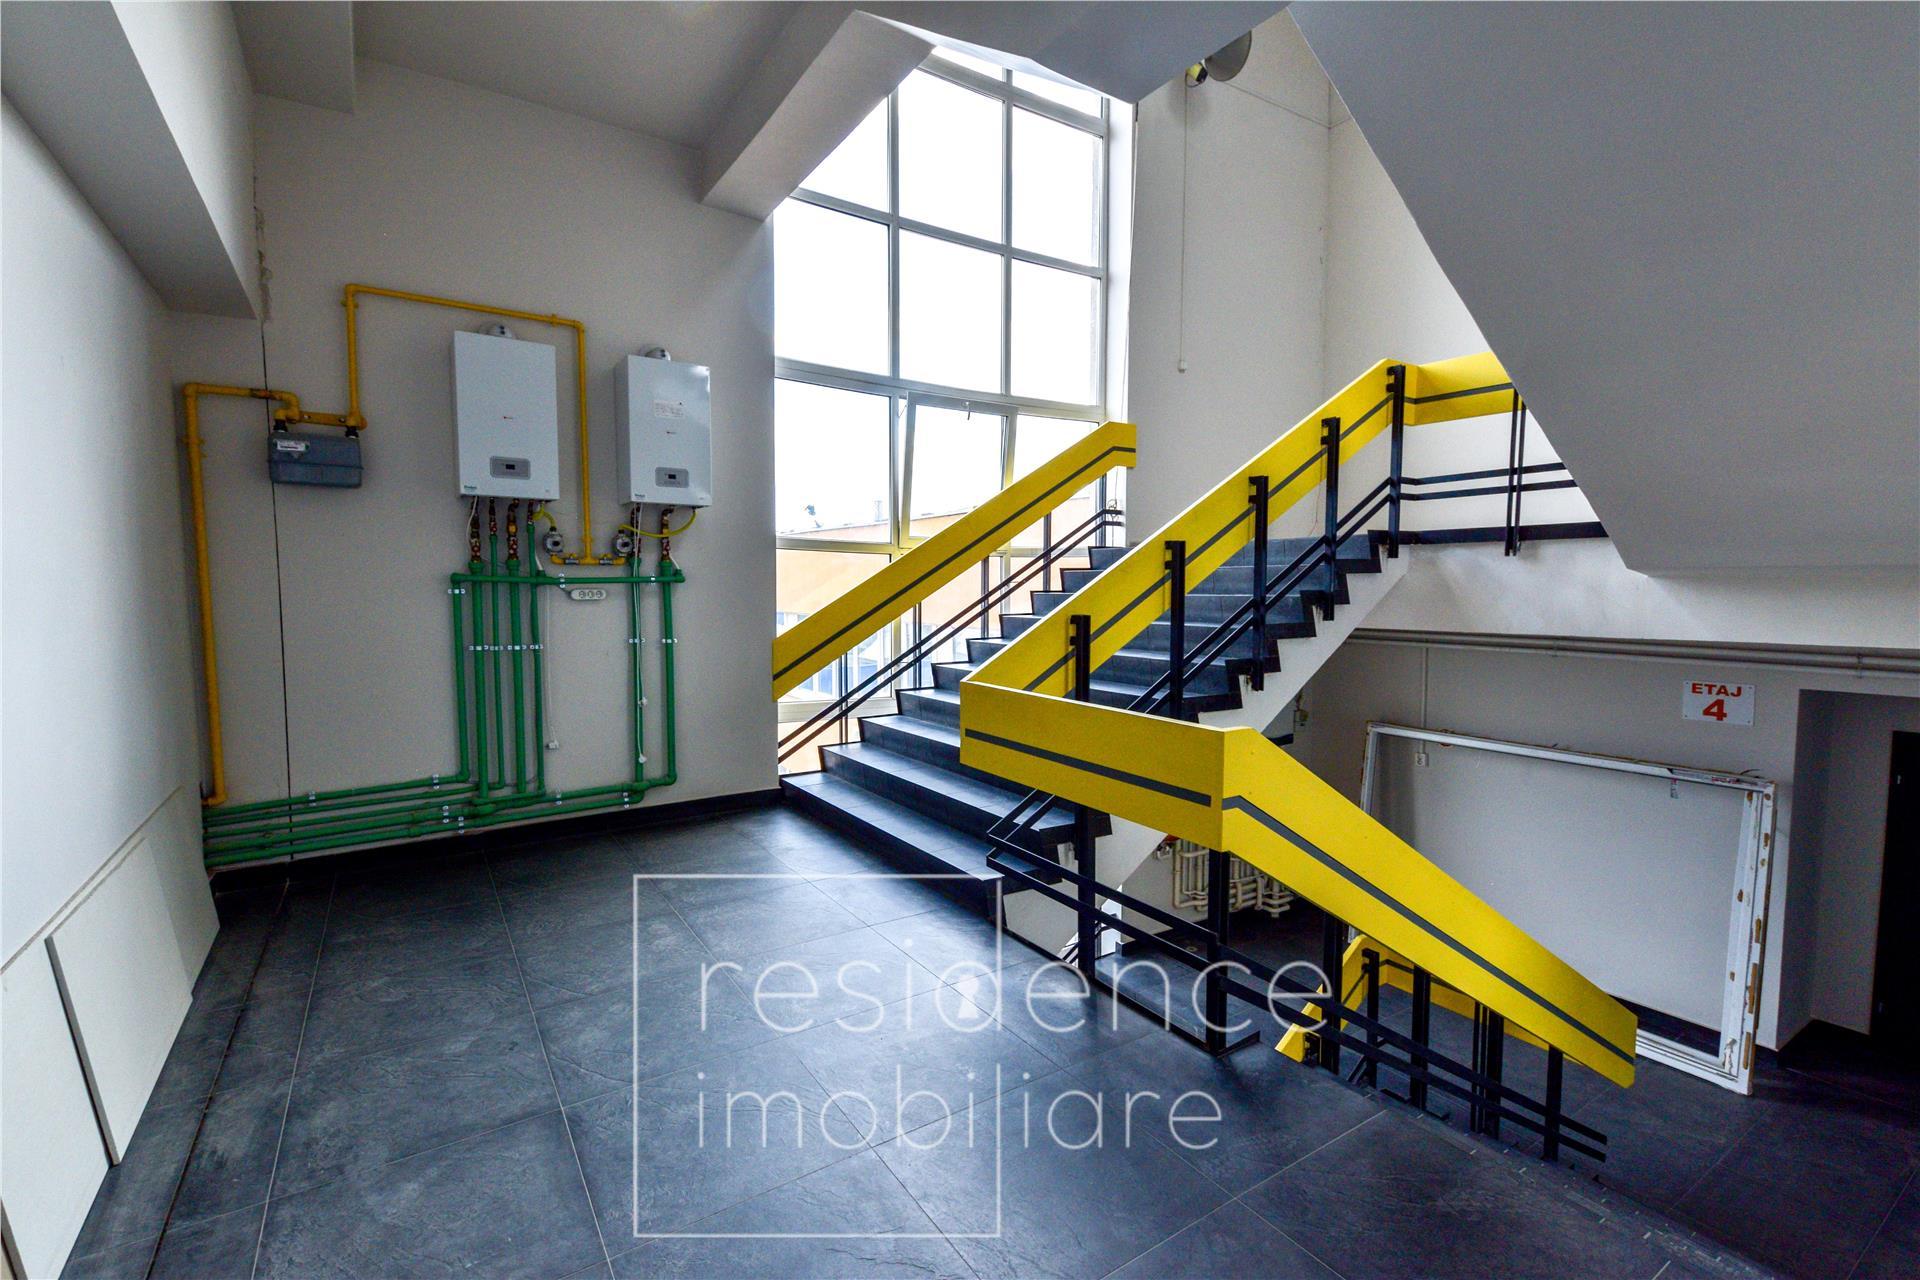 Spatiu birou, industrie usoara,575 mp, Cladire noua, Bulevardul Muncii